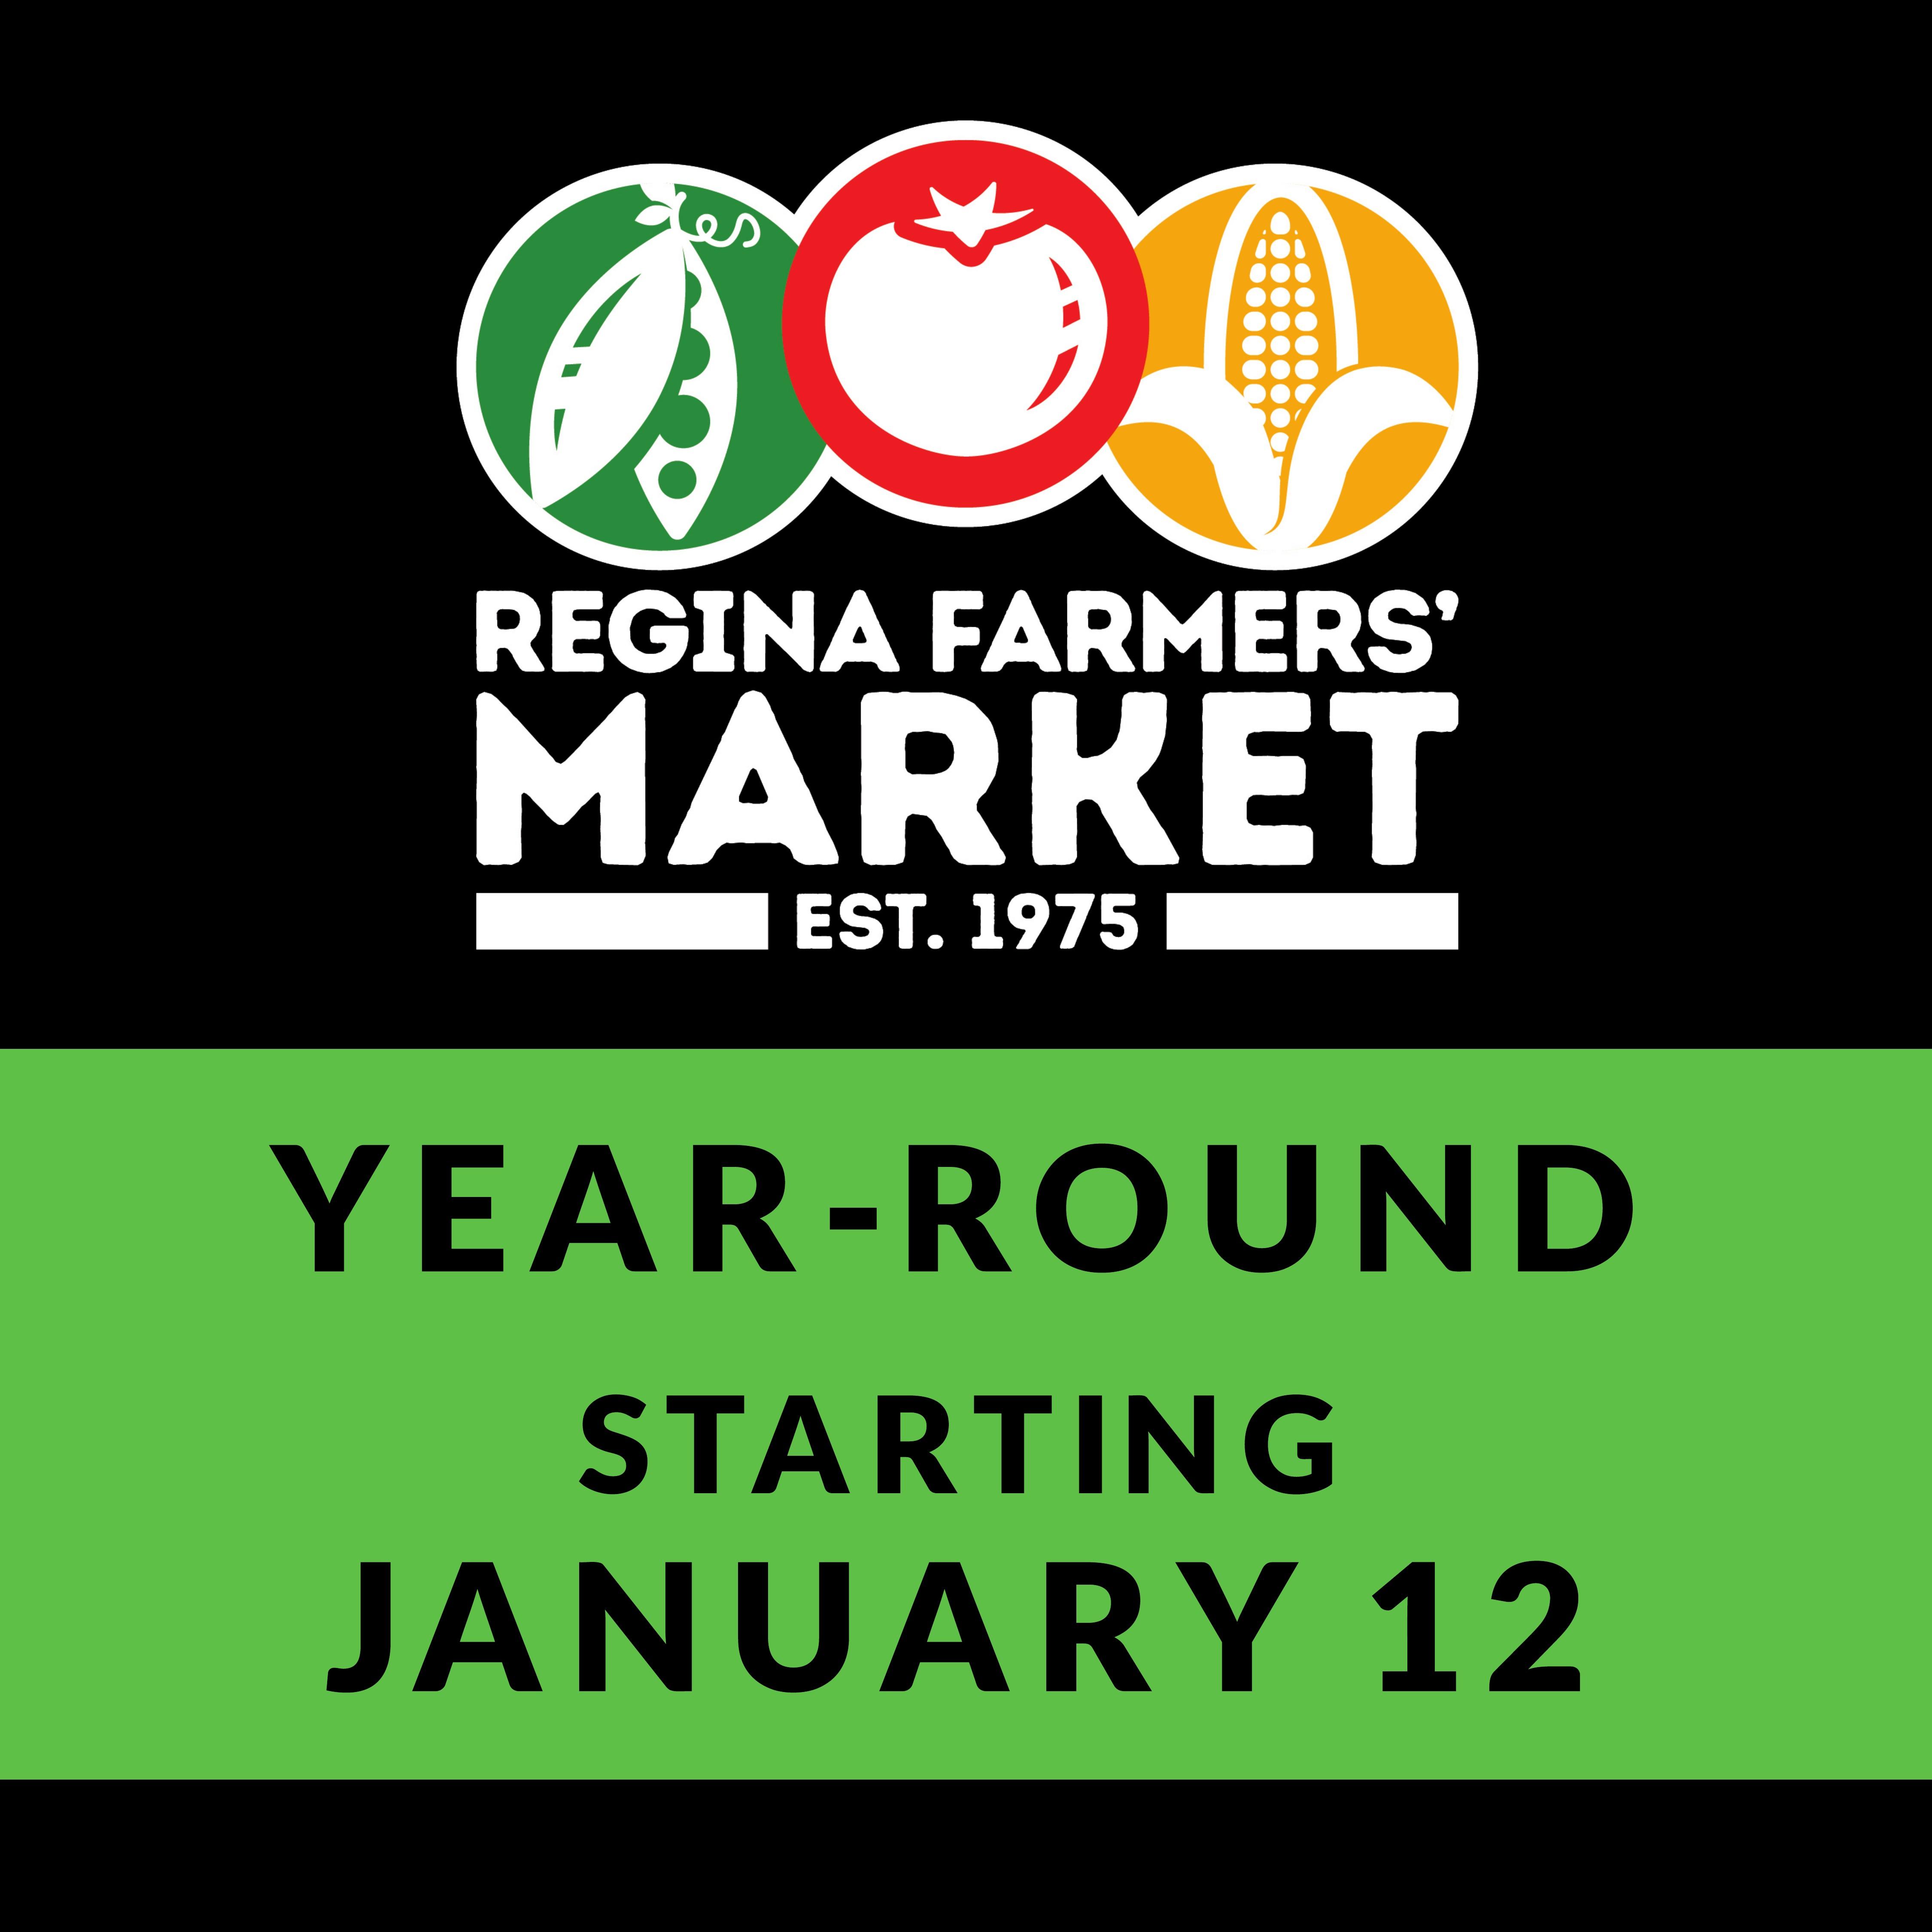 Winter Indoor Farmers' Market - Image 4